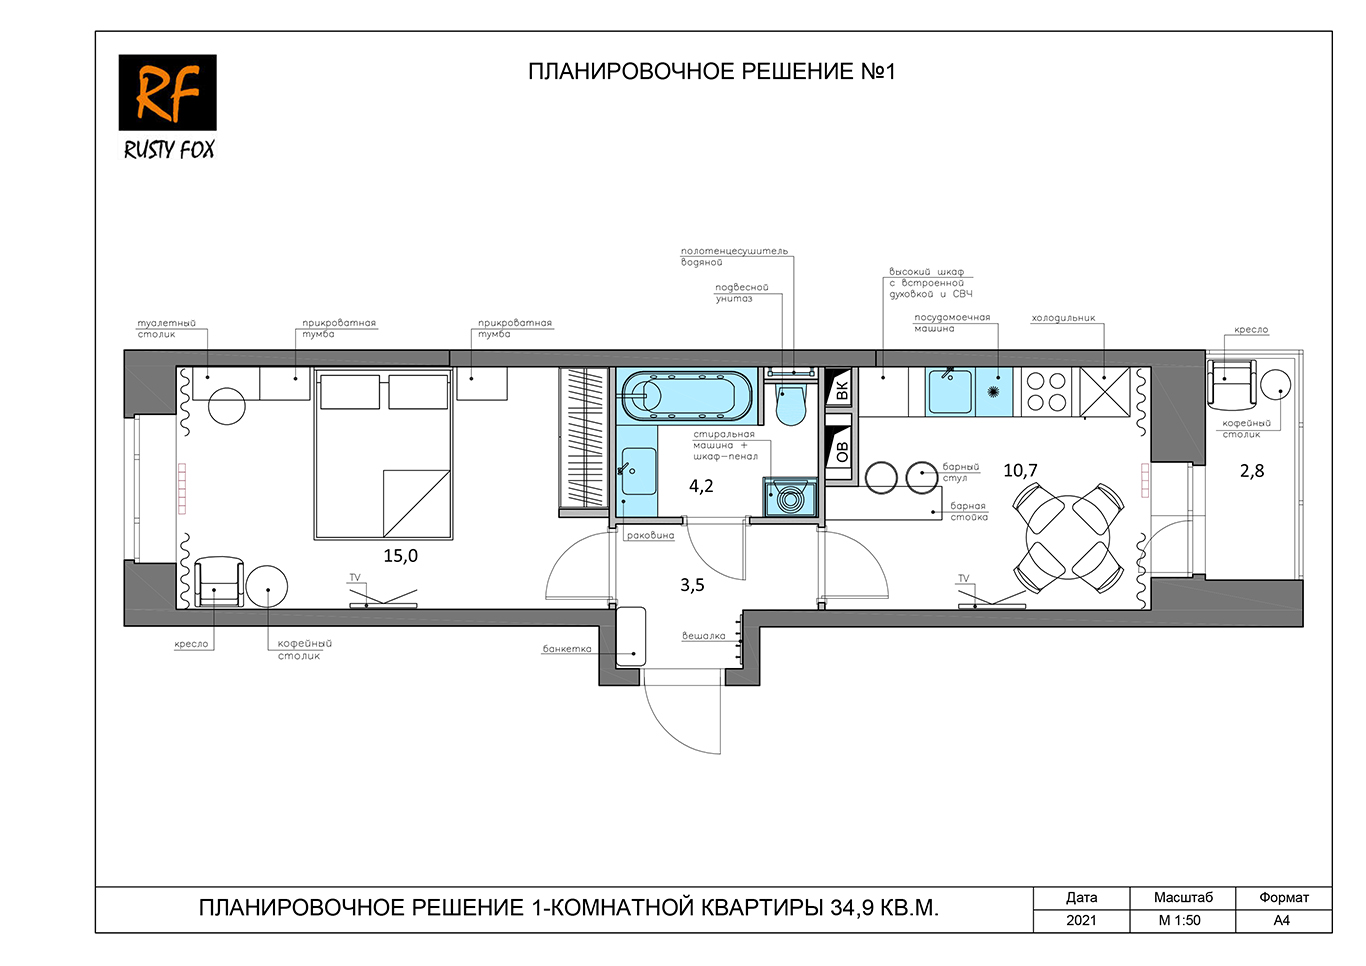 ЖК Люберцы корпус 52, секция 2. Планировочное решение №1 1-комнотной квартира 34,9 кв.м.